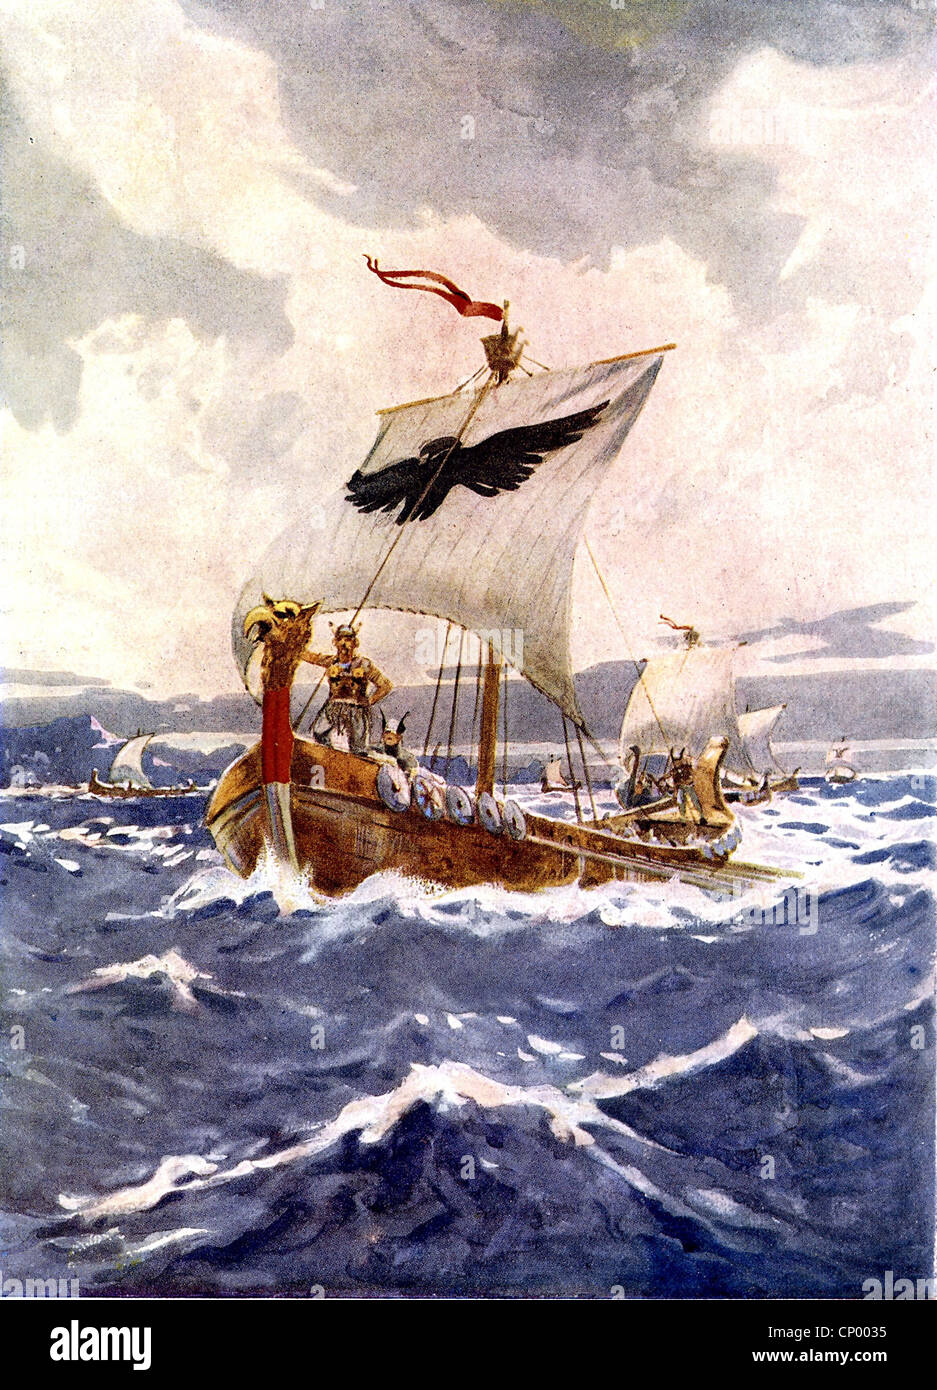 Edad Media, vikingos, barco vikingo, vela, pintura de Arch Webb, histórico, barcos, barco, mar, medieval, Derechos Foto de stock